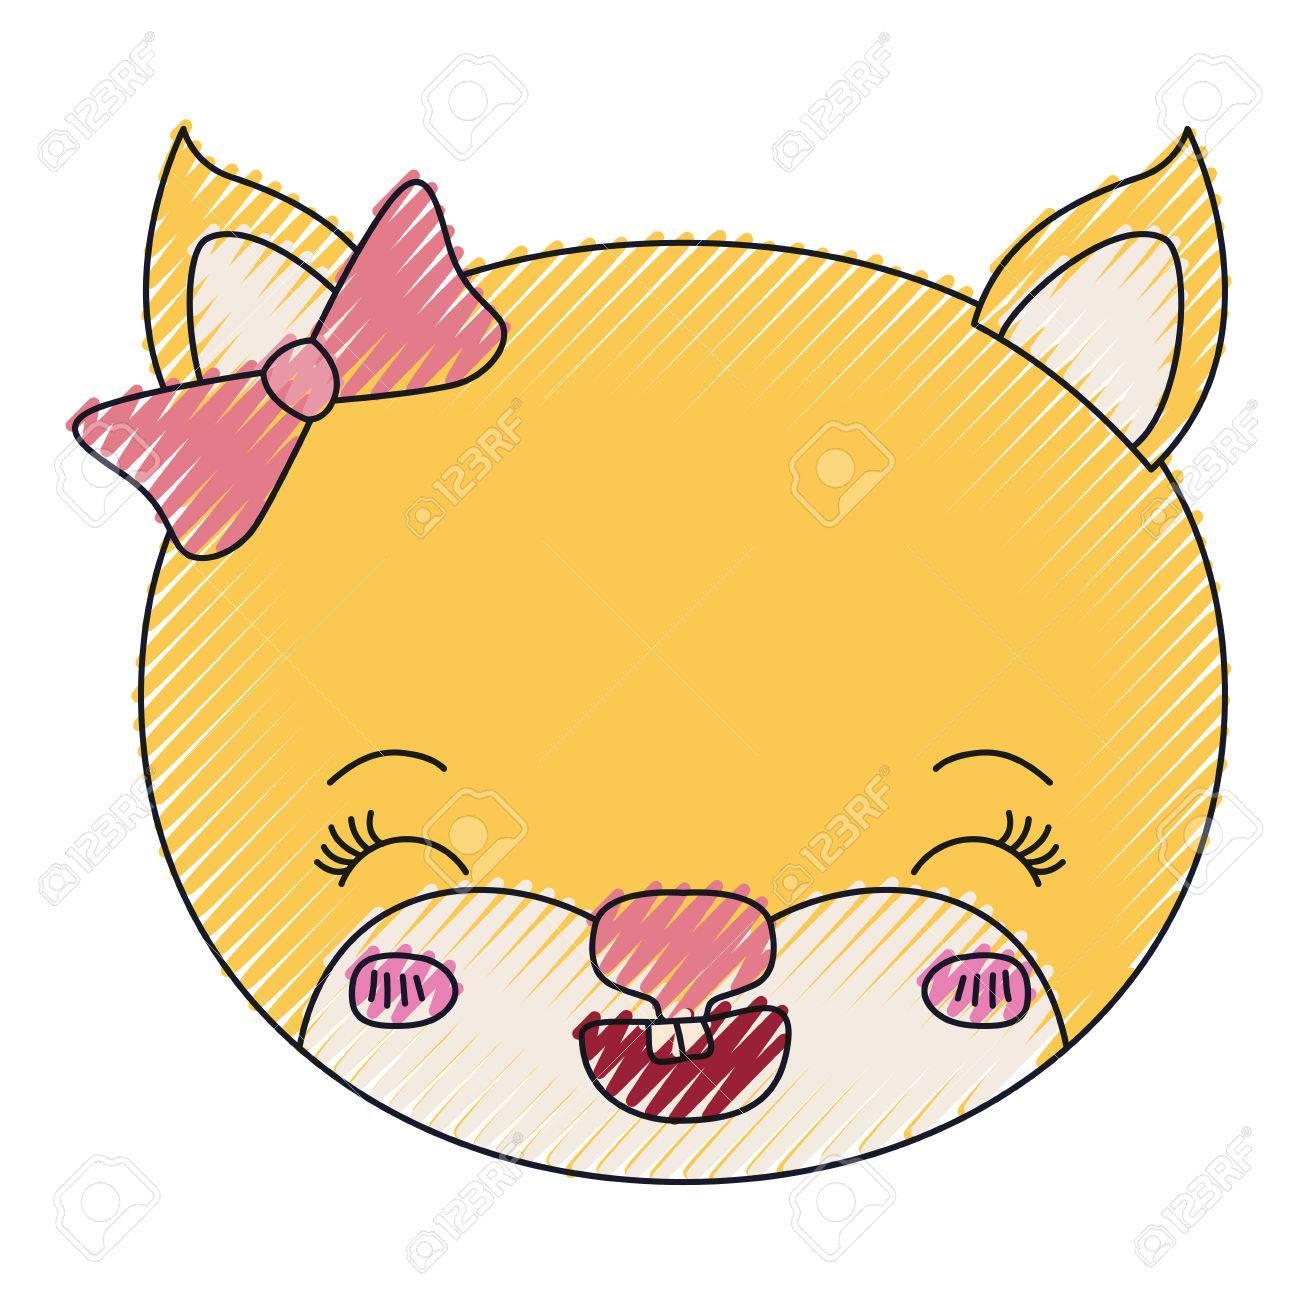 メス猫動物目を閉じてのクレヨン シルエット顔の色と幸福式ベクトル